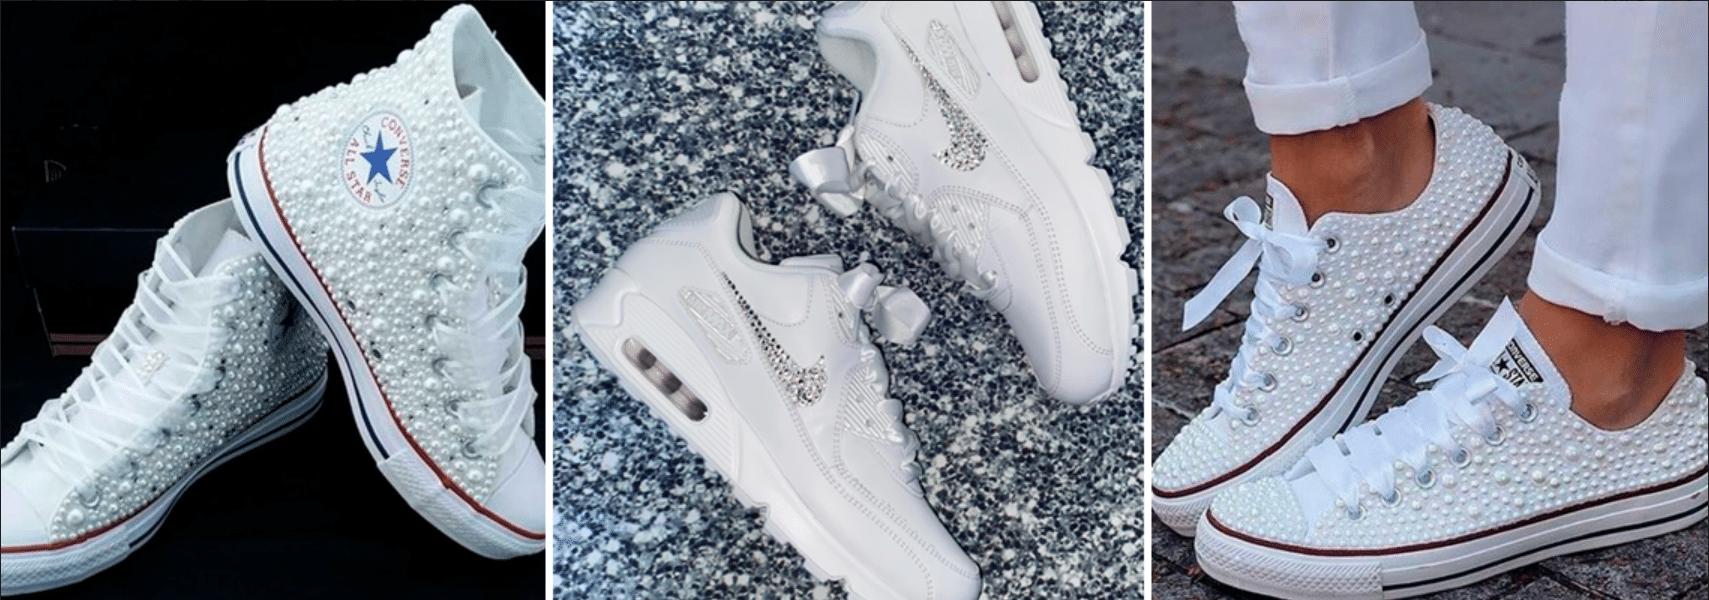 modelos de tênis na cor branca com encrustados de pérolas ou strass